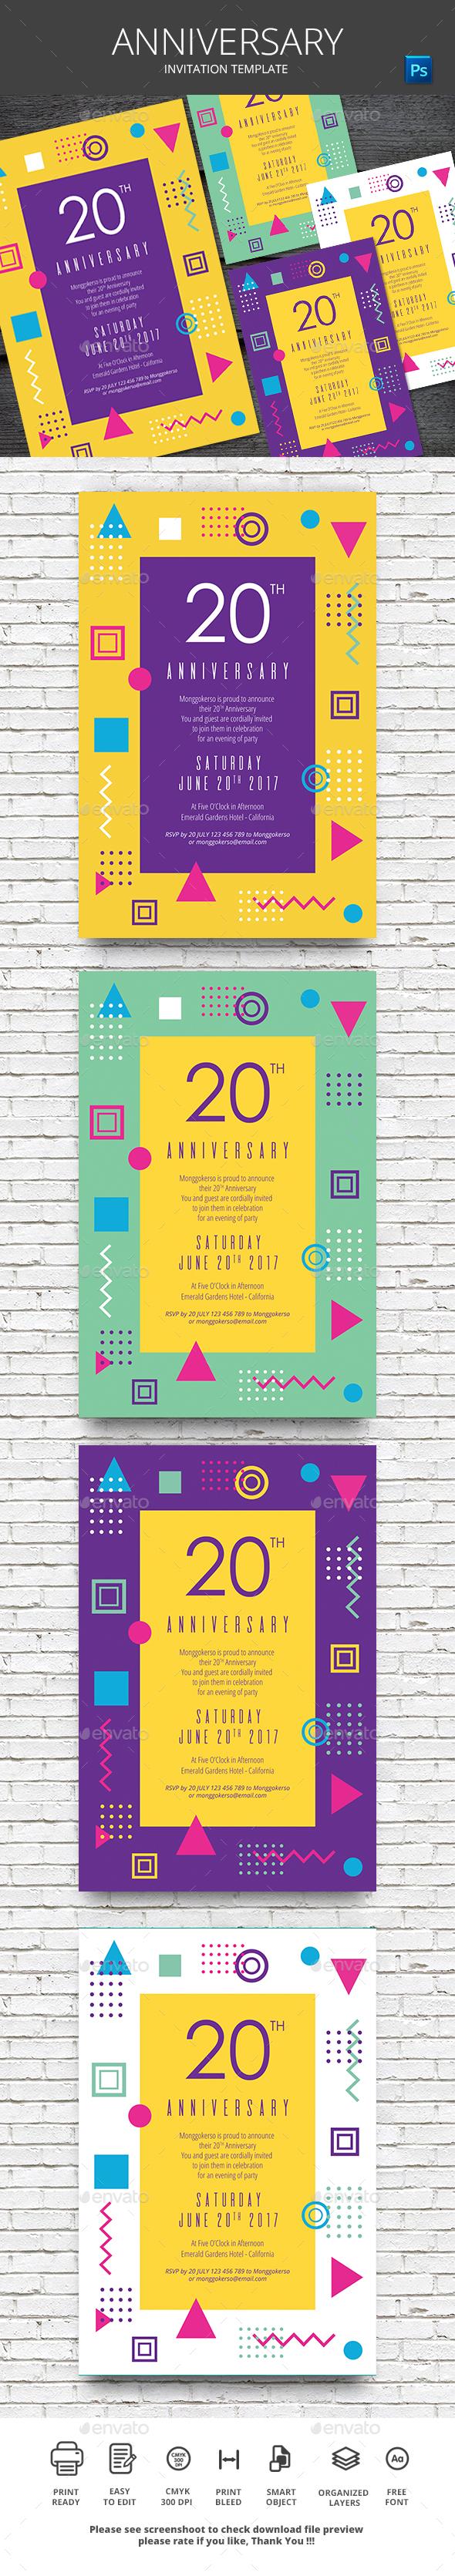 Anniversary - Anniversary Greeting Cards